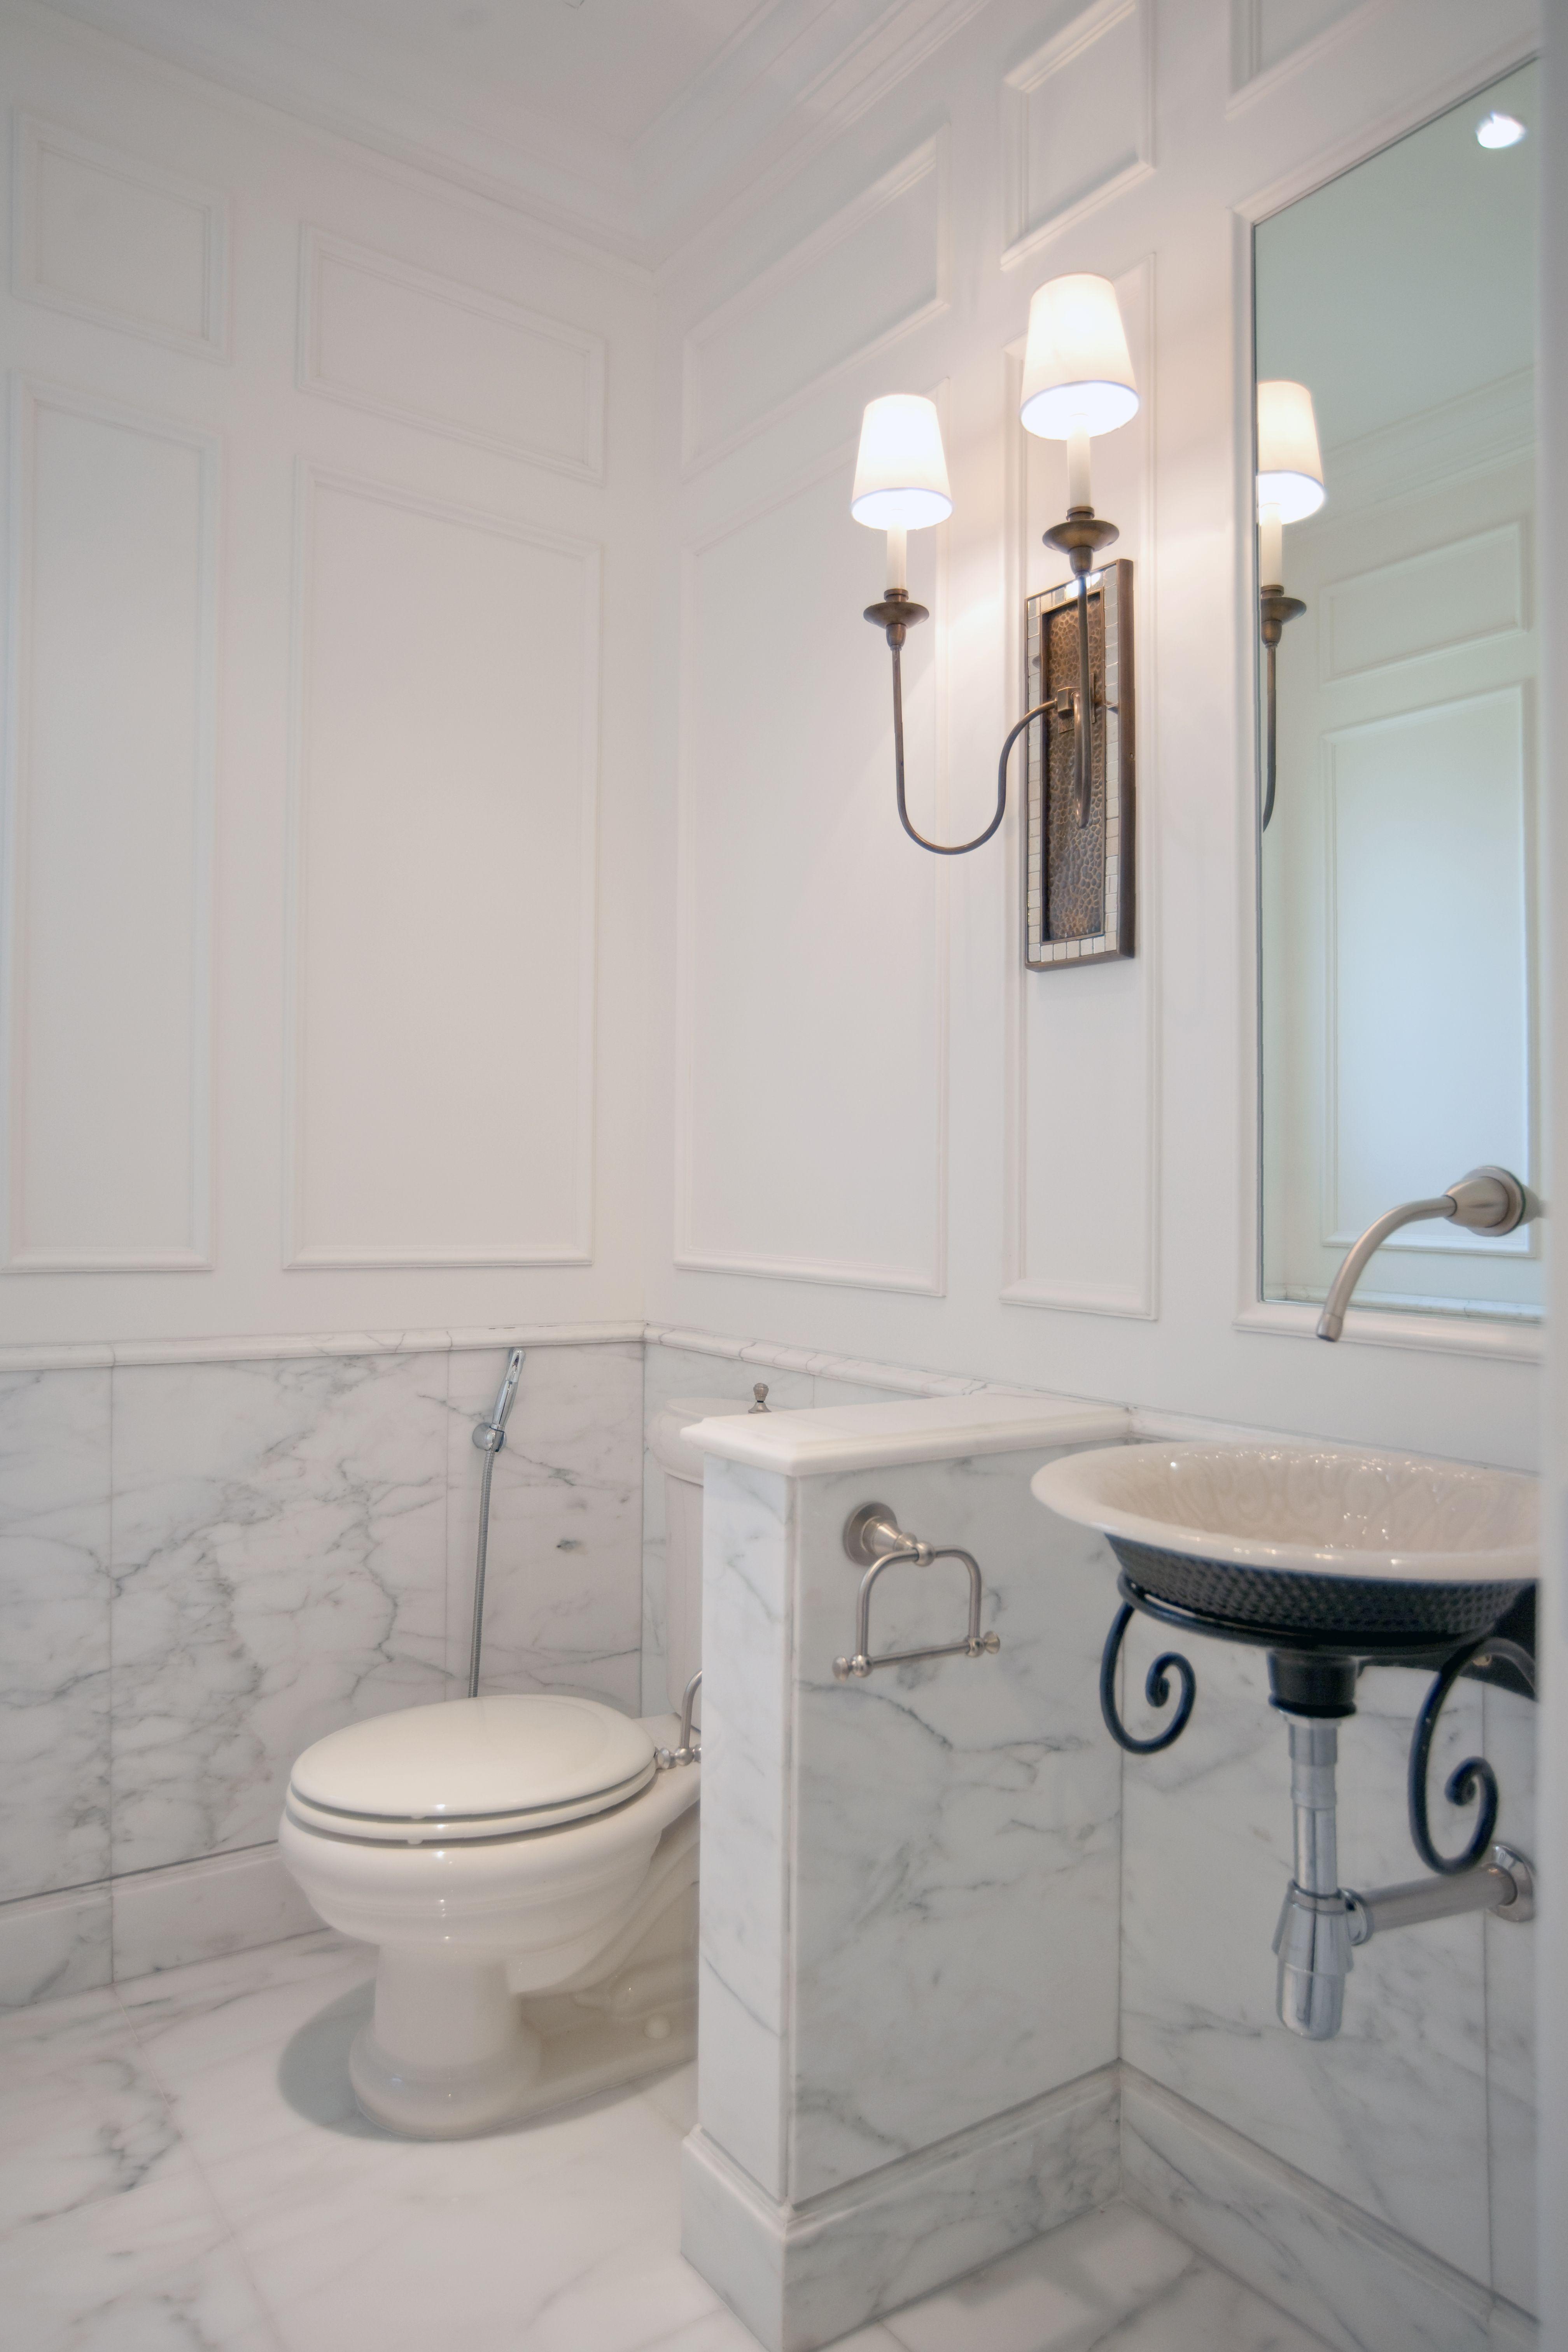 Guest bathroom classic - Modern Classic Style Bathroom